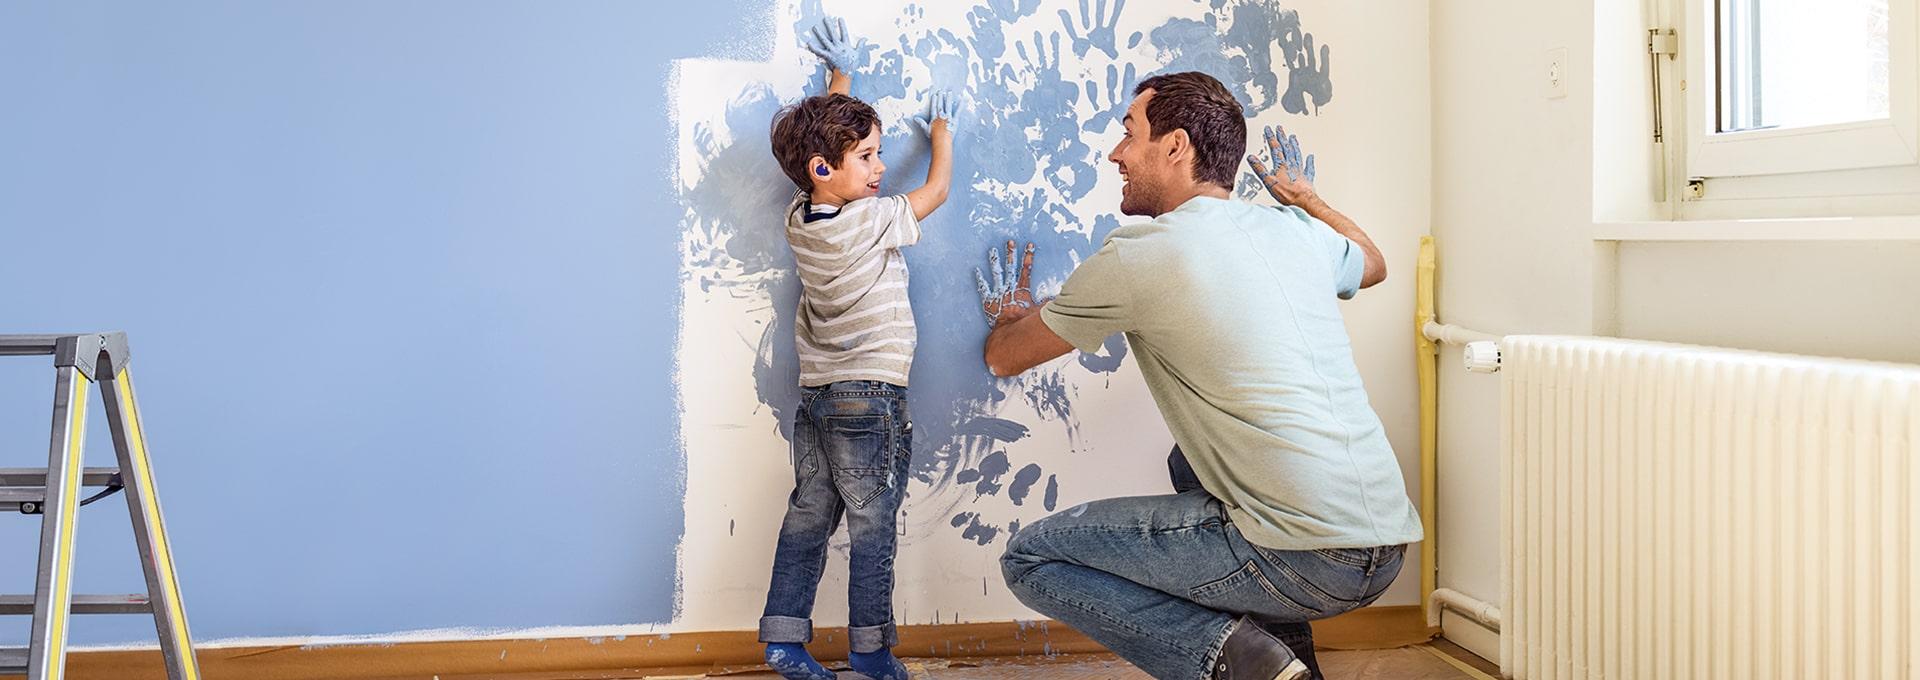 Padre e figlio con gli apparecchi acustici Super Power|Ultra Power di Bernafon dipinge un muro e spontaneamente aggiunge le impronte delle mani.